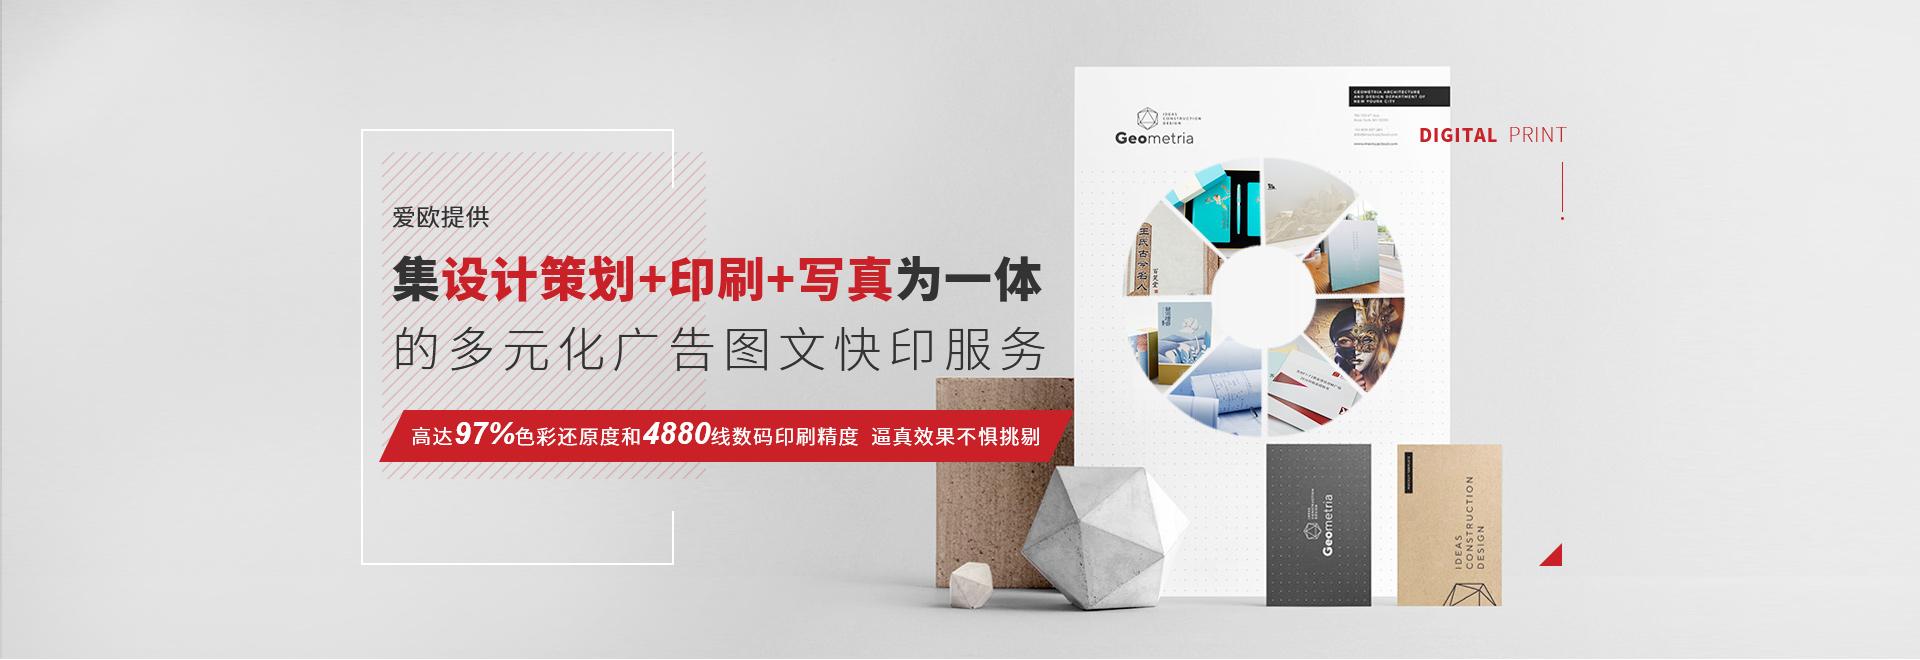 爱欧提供集设计策划+印刷+写真为一体的多元化广告图文快印服务 高达97%色彩还原度和4880线数码印刷精度  逼真效果不惧挑剔